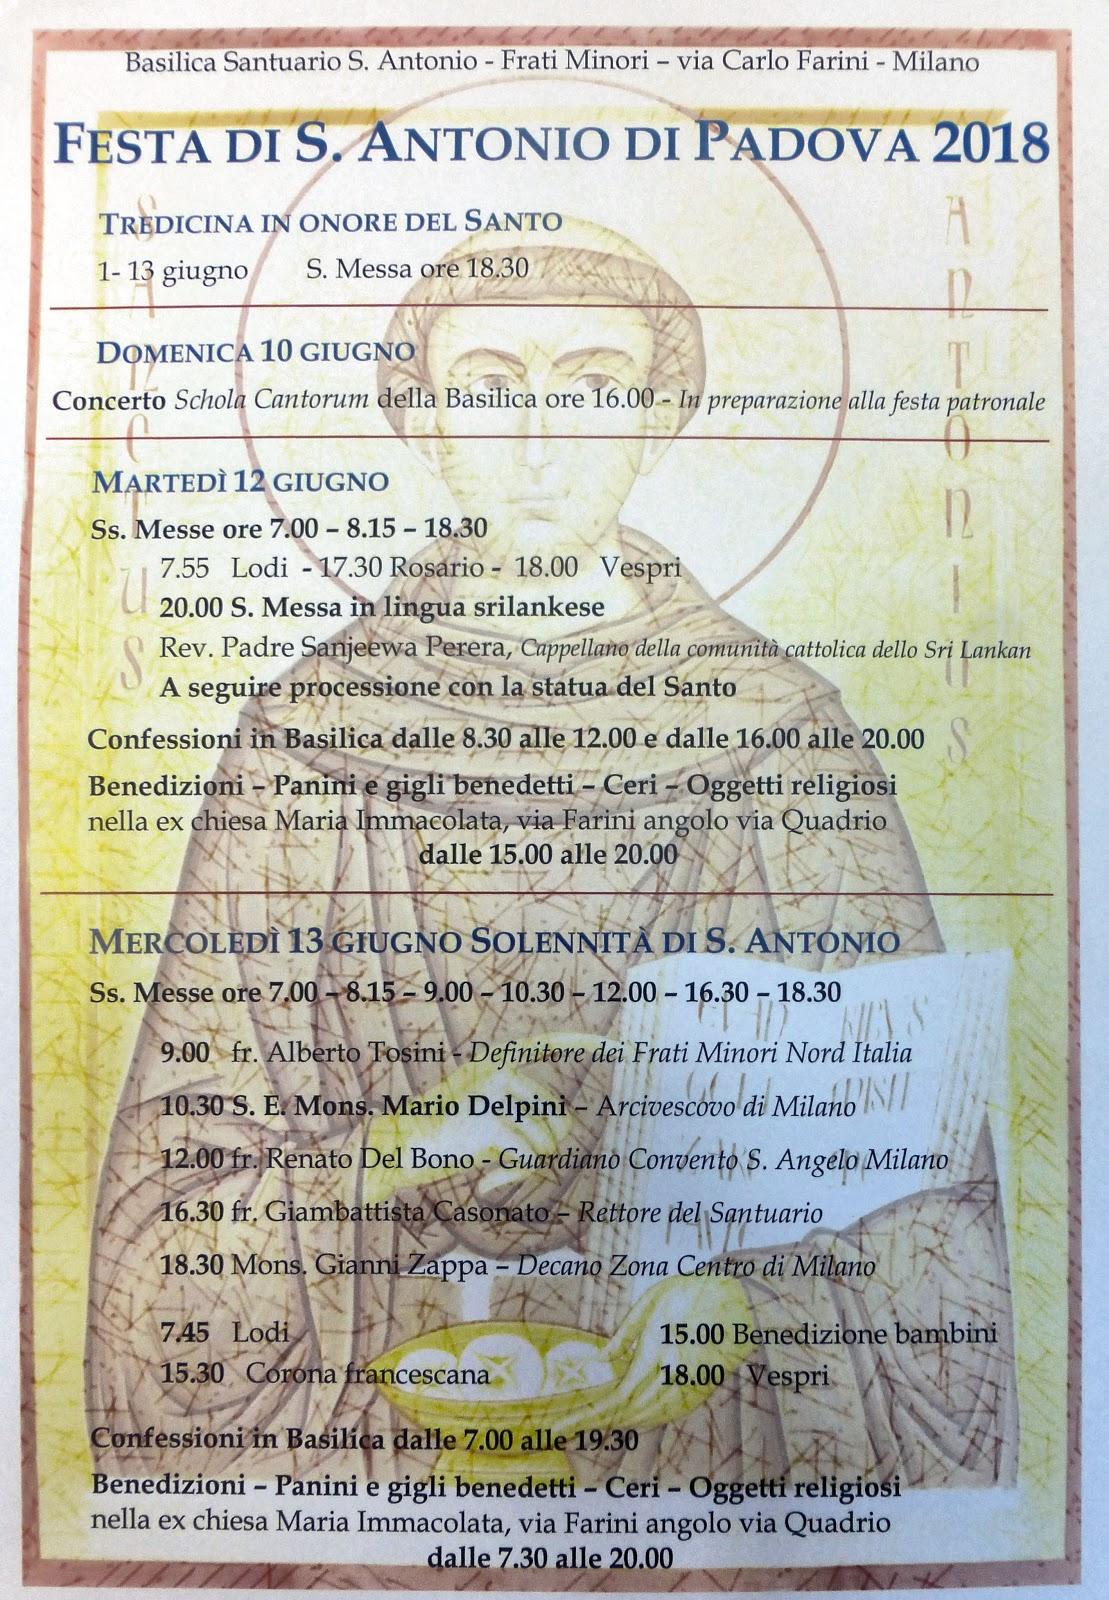 Festa di S. Antonio di Padova 2018